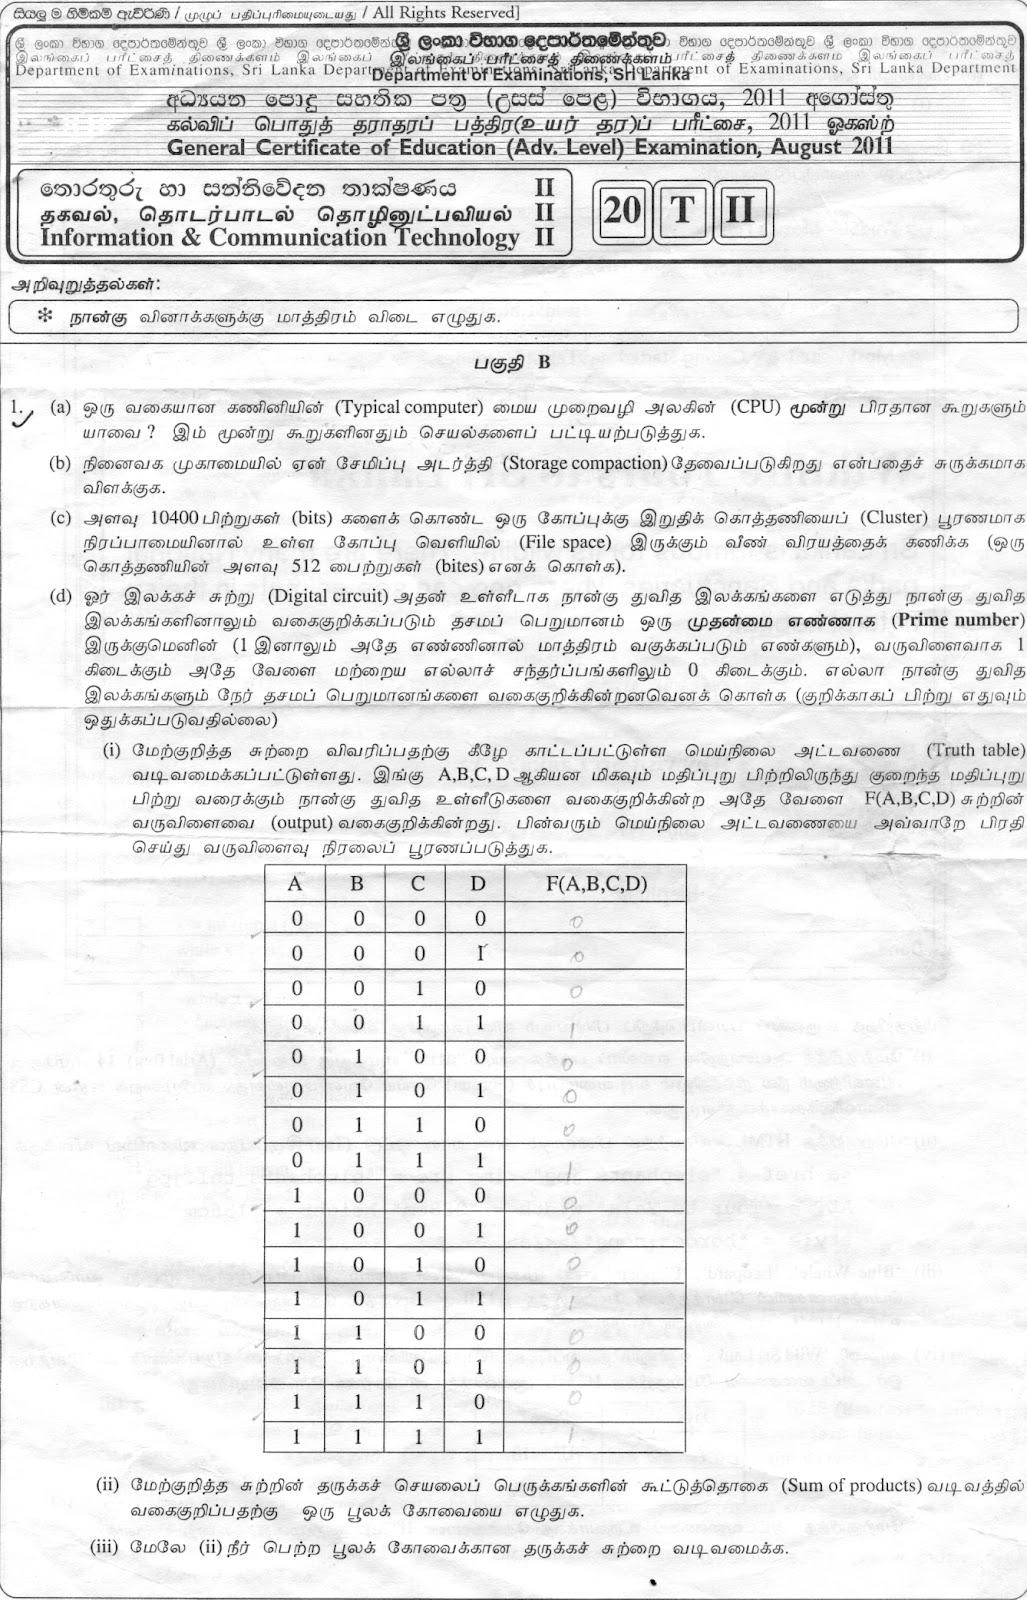 உயர்தர தகவல் தொடர்பாடல் தொழில்நுட்பம்: Al-ICT-2011_Past Papers